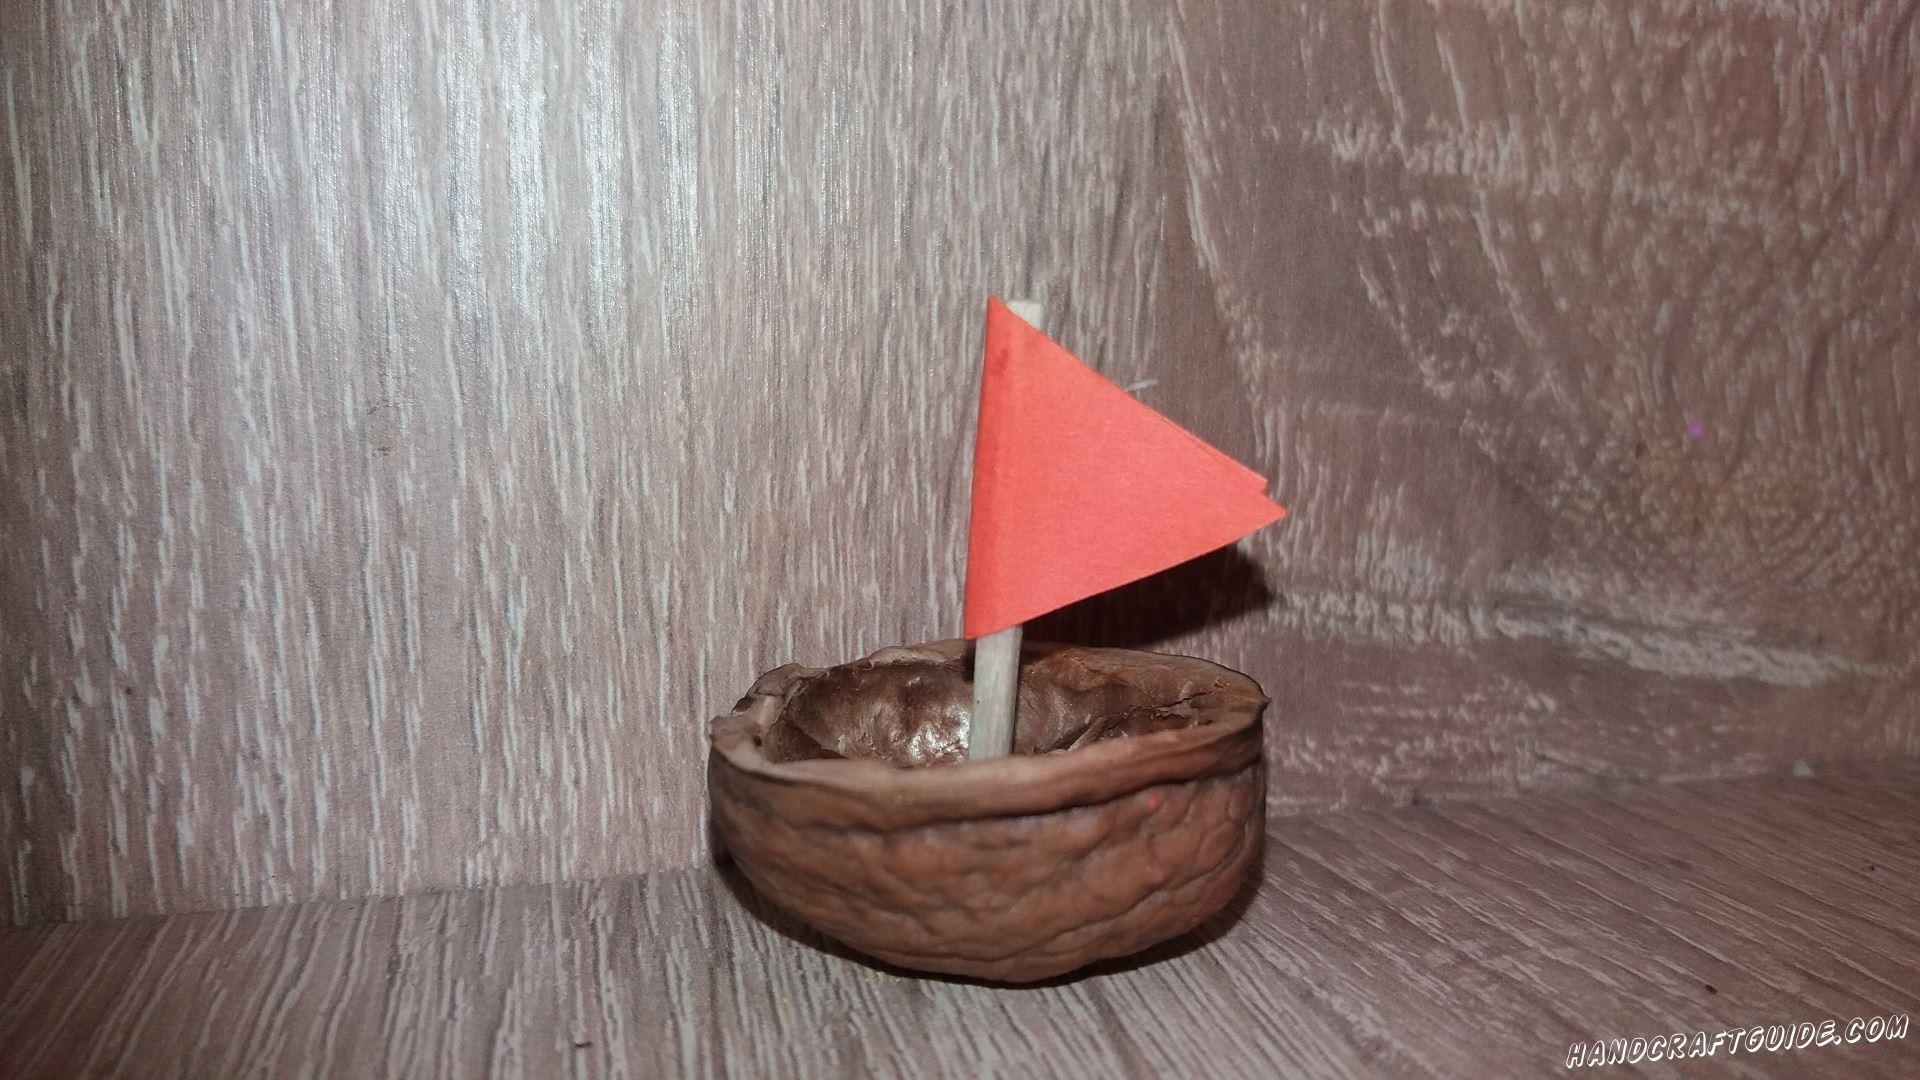 Кораблик из скорлупы ореха очень легко